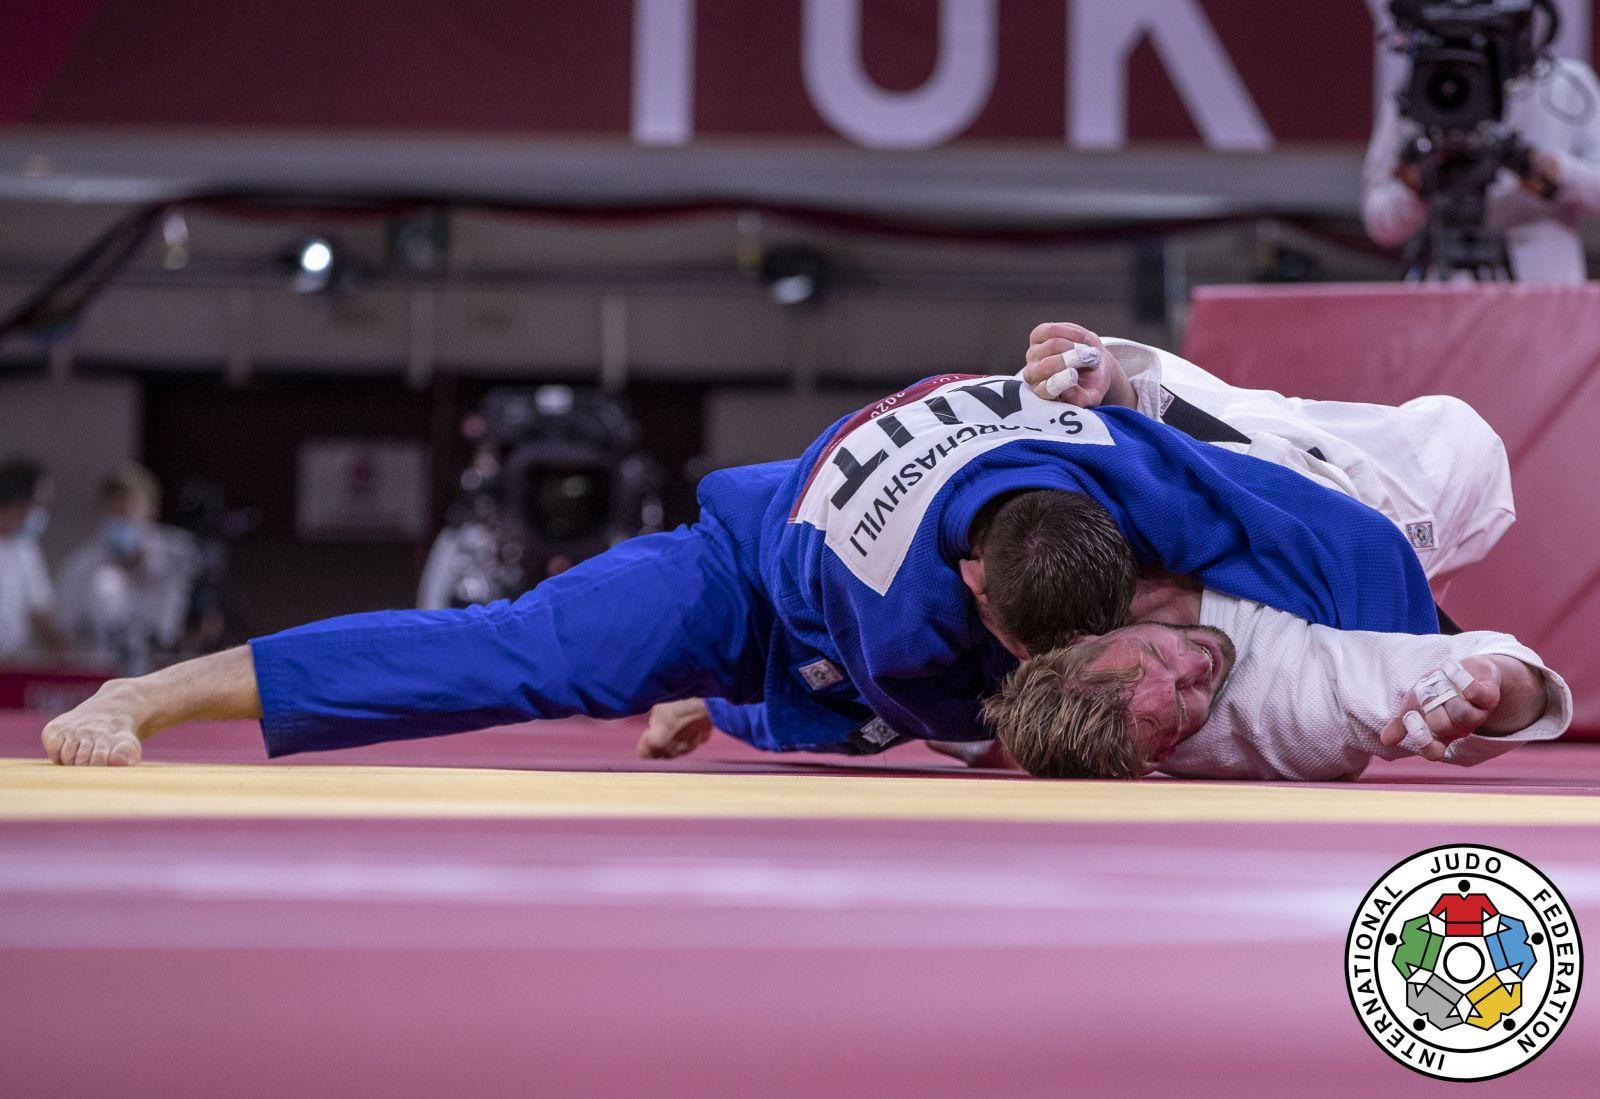 2021-olympijske-hry-tokio-judo-austria-2